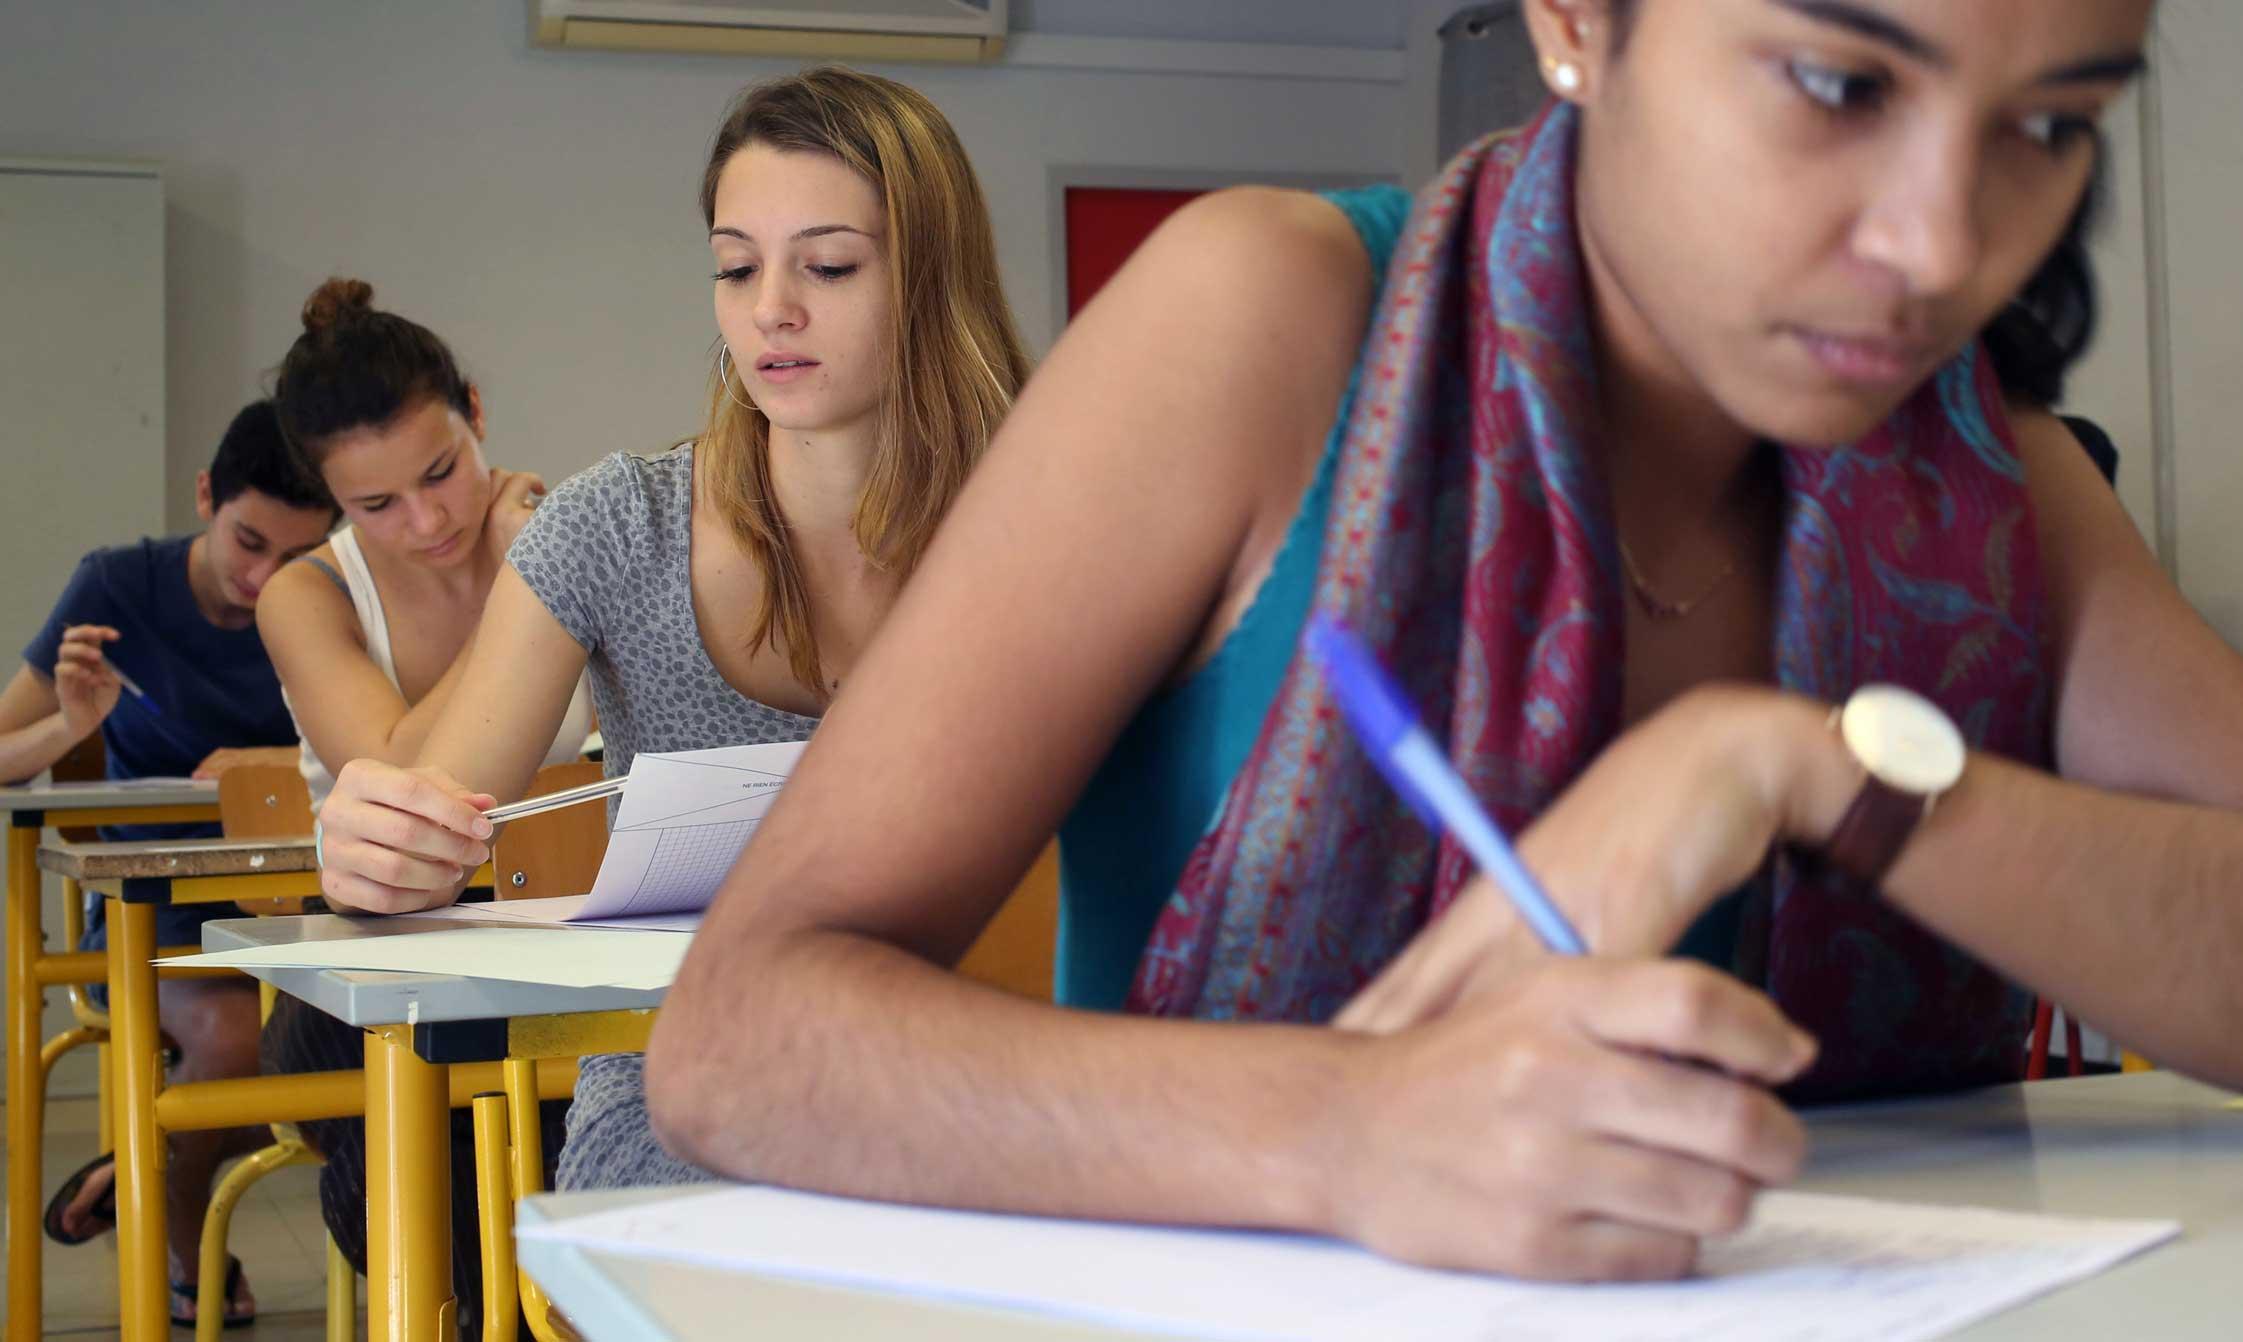 Estudantes sentadas em fileiras escrevendo em um papel dentro da sala de aula